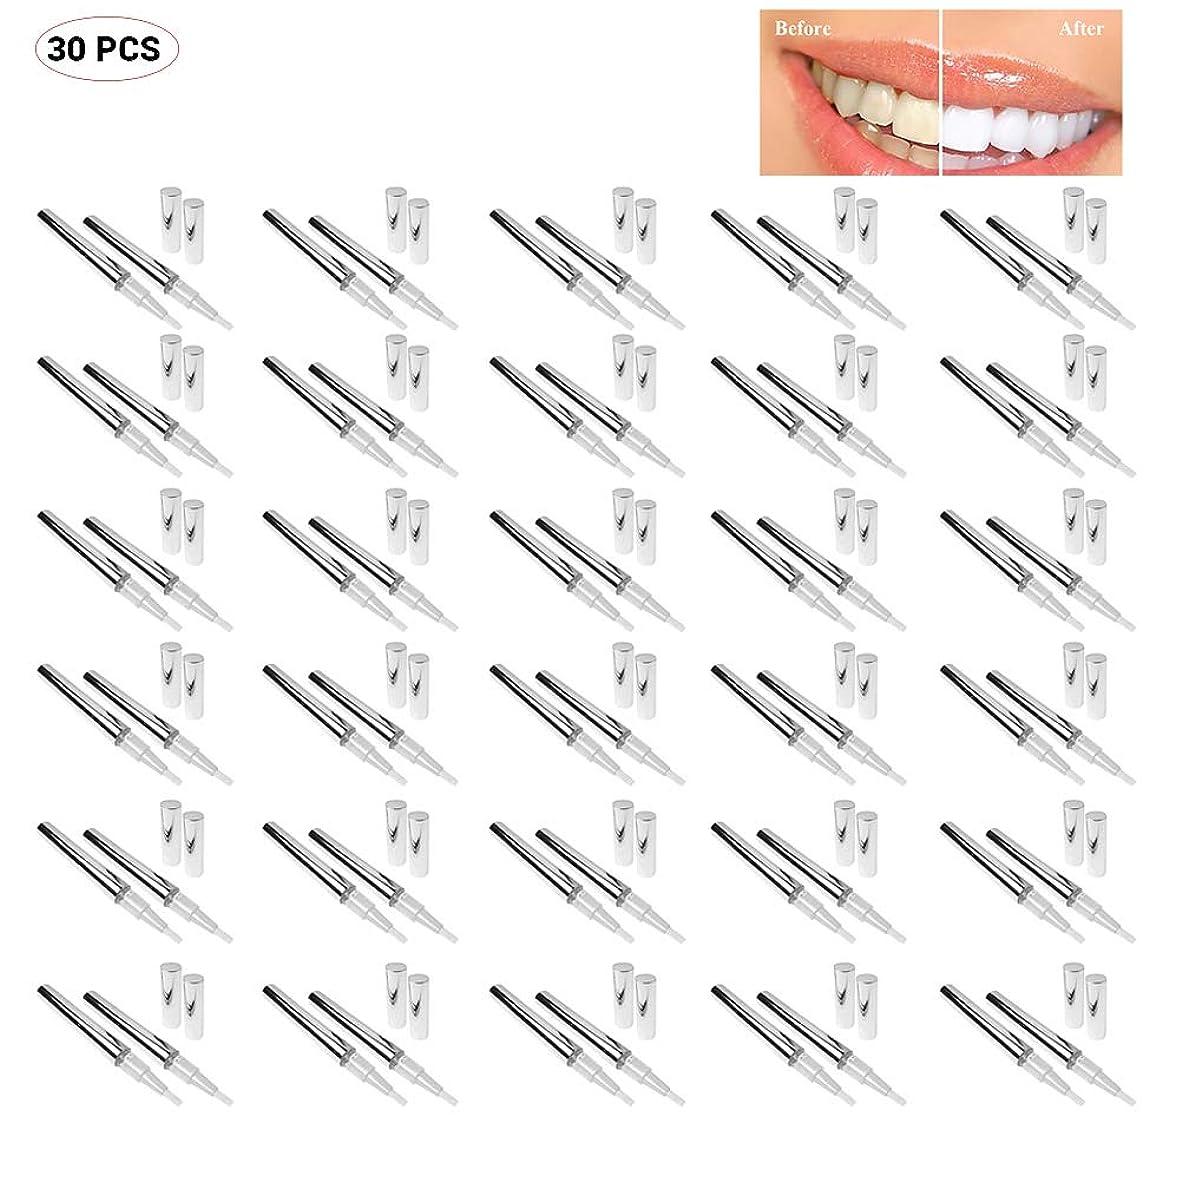 ペグ吸う切り下げOurine 歯の消しゴム ホワイトニング 美白歯ゲル 美人歯 白い歯 歯を白くする 輝く笑顔 口臭防止 歯周病防止 エッセンス 30個セット